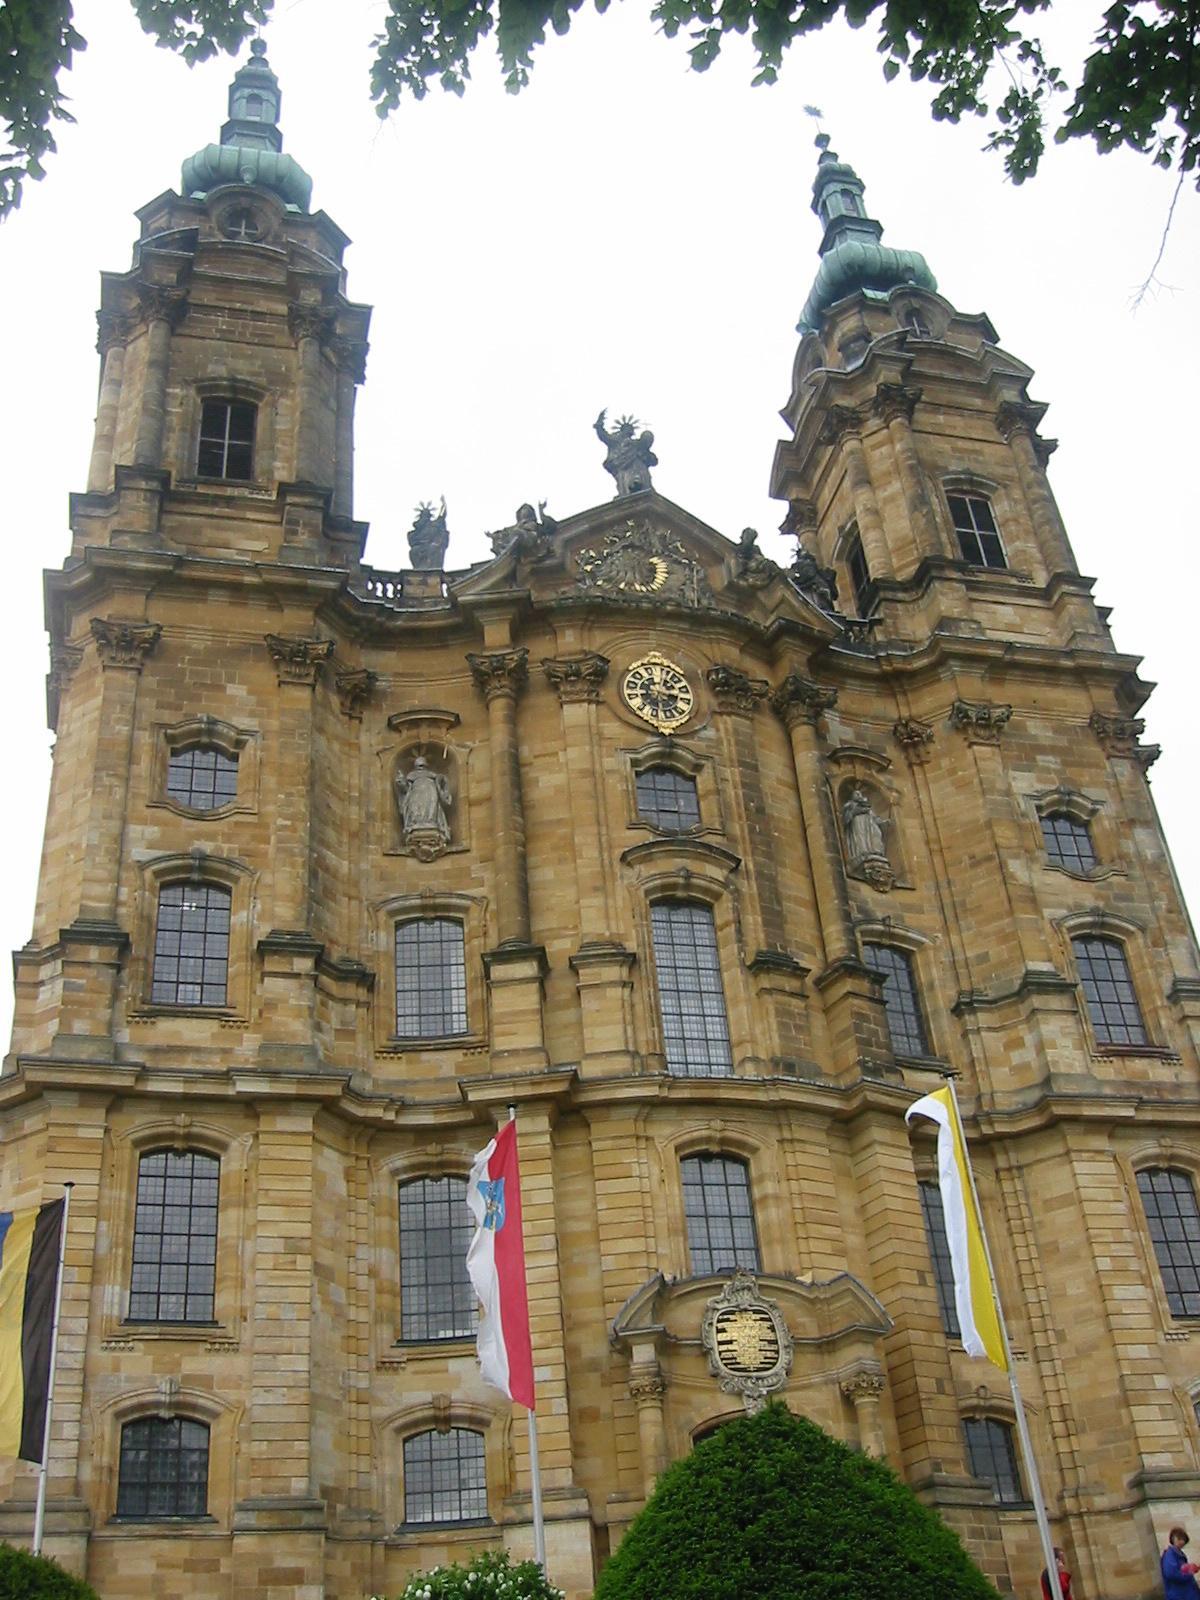 Basilika Vierzehnheiligen bei Bad Staffelstein